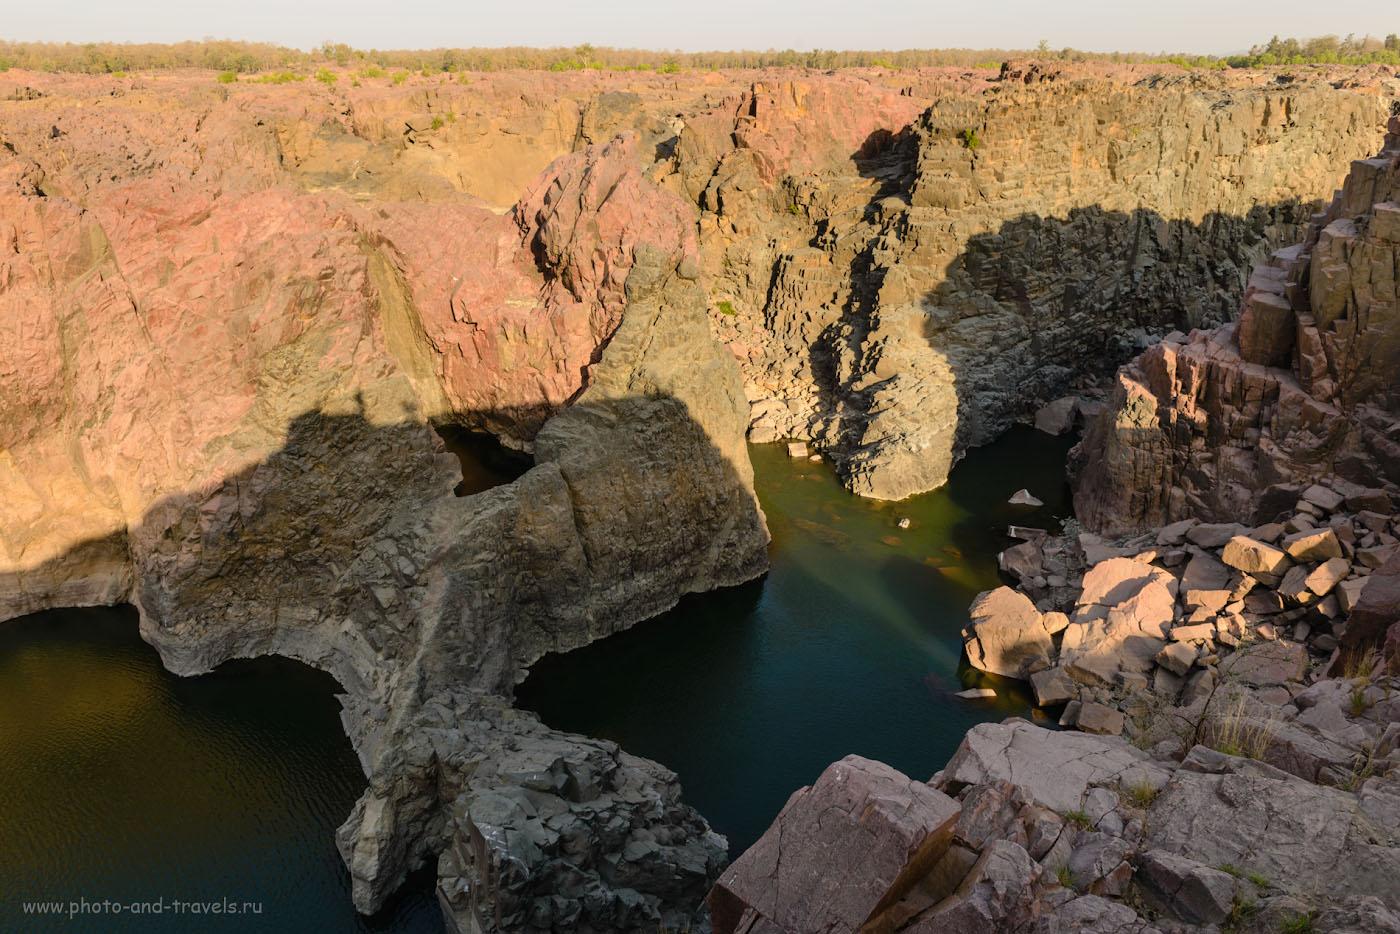 Фото 5. Жаль, нельзя человека поставить на краю водопадов Raneh Falls, чтобы зритель представил высоту. Только по размерам деревьев можно сориентироваться. 1/50, 9.0, 110, 24.